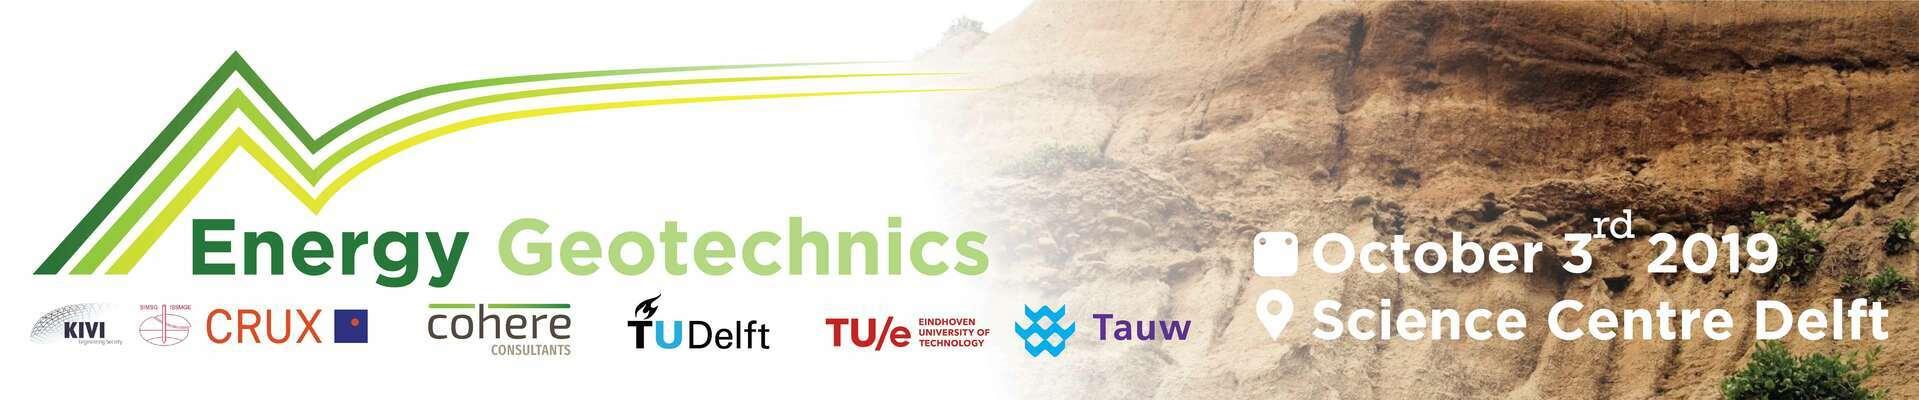 Energy Geotechnics Symposium 2019 - Mechanics of the Energy Transition